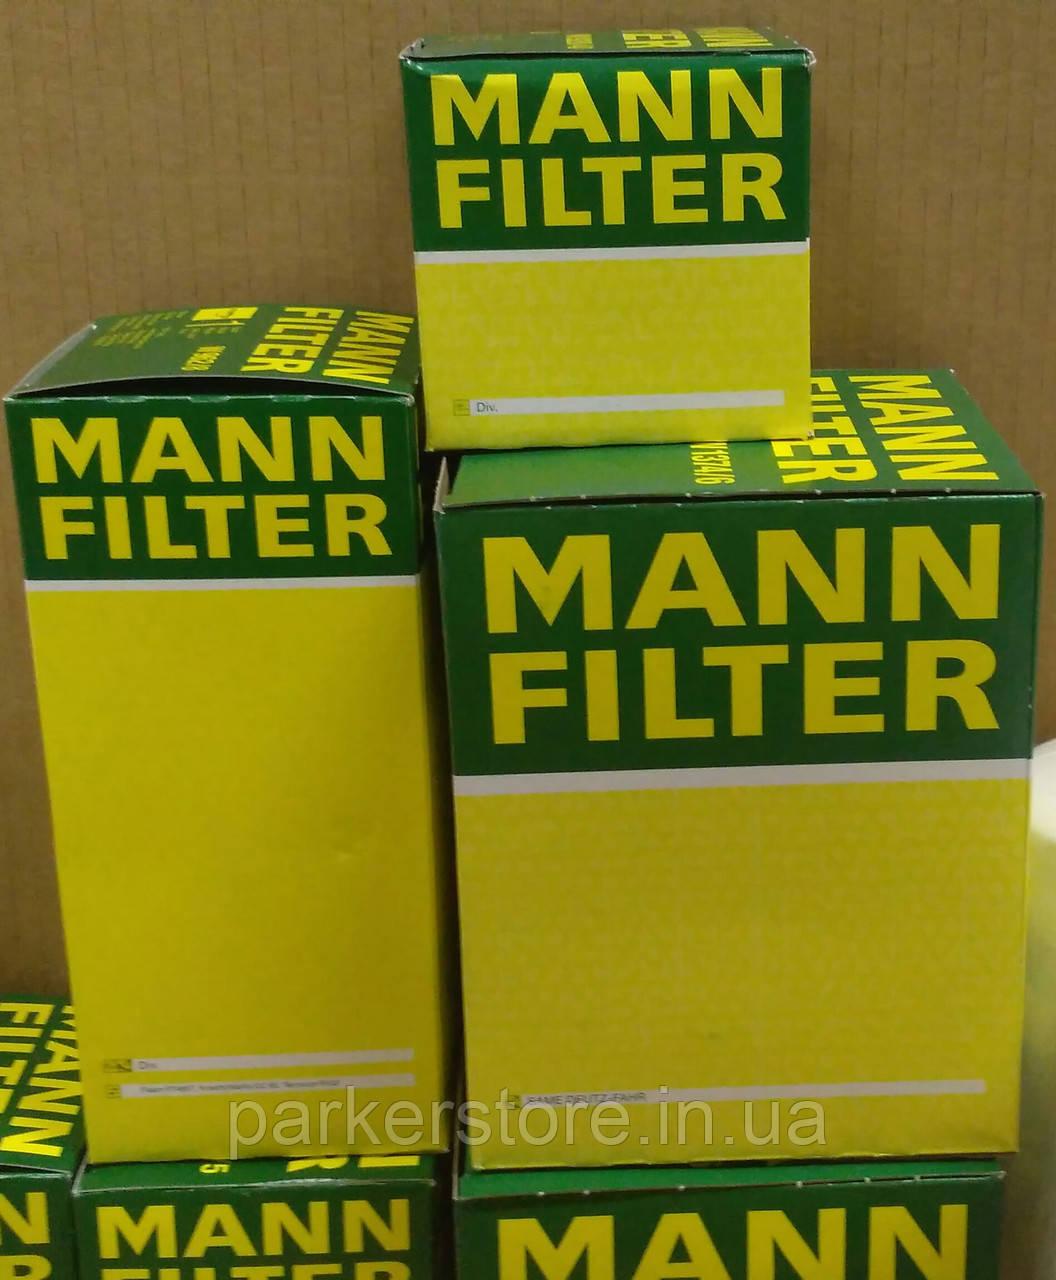 MANN FILTER / Воздушный фильтр / C 17 201 / C17201